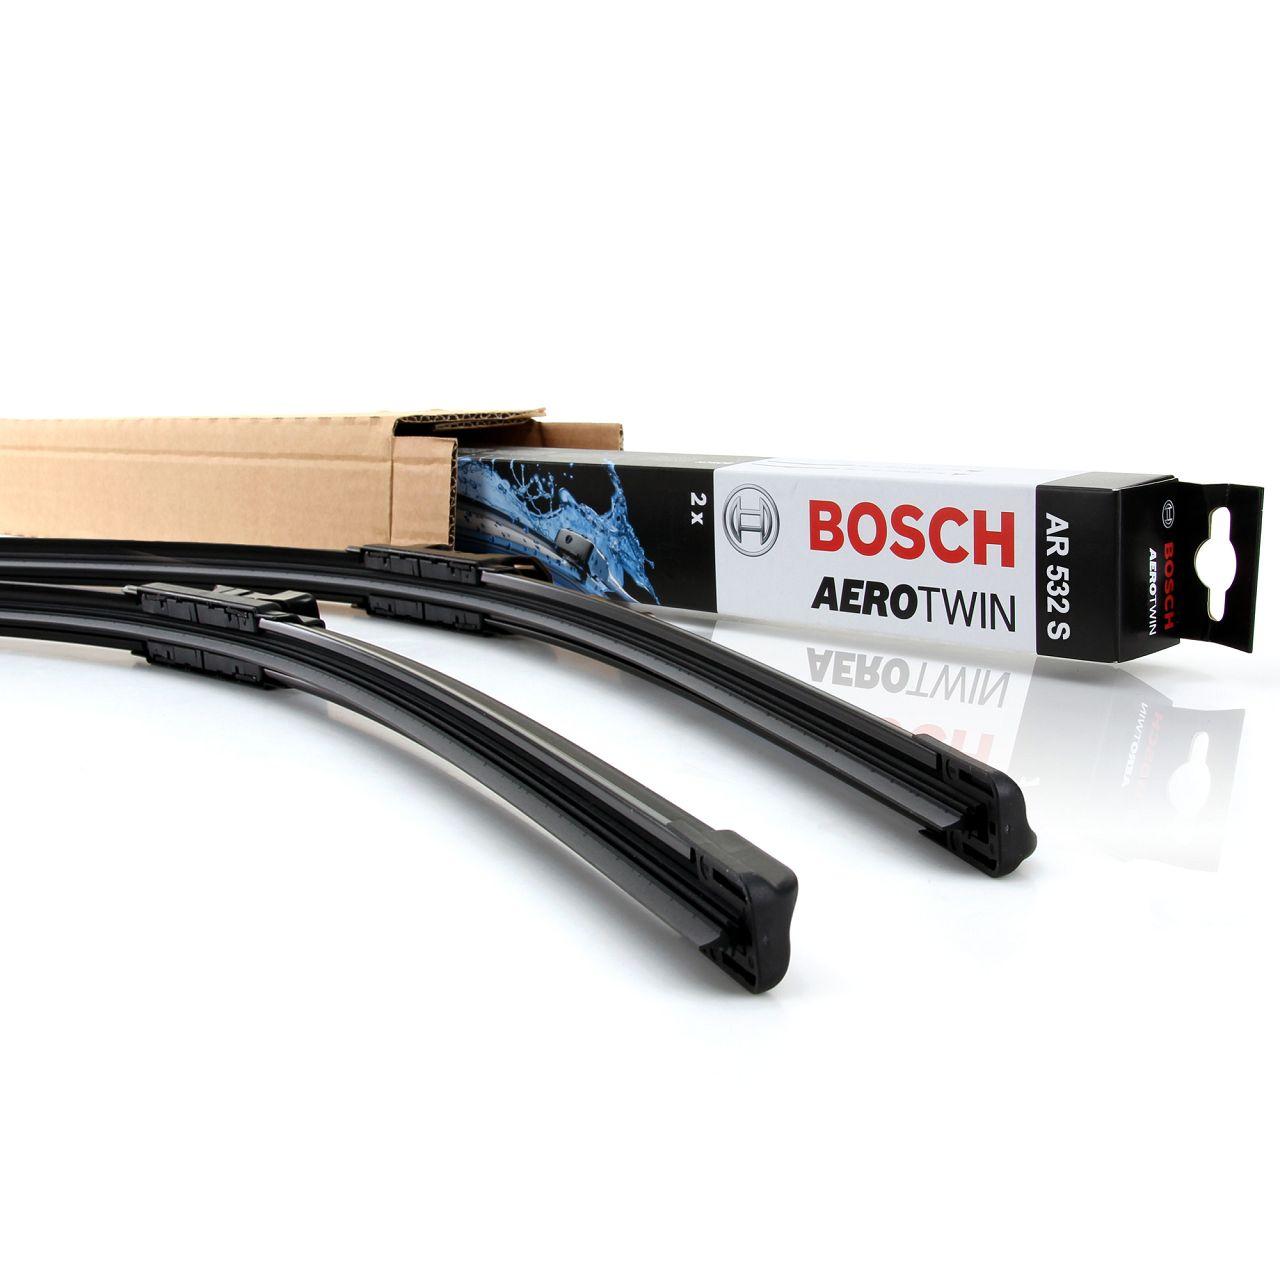 BOSCH AEROTWIN AR532S Scheibenwischer Wischer für AUDI 80 B4 VW PASSAT 3B T4